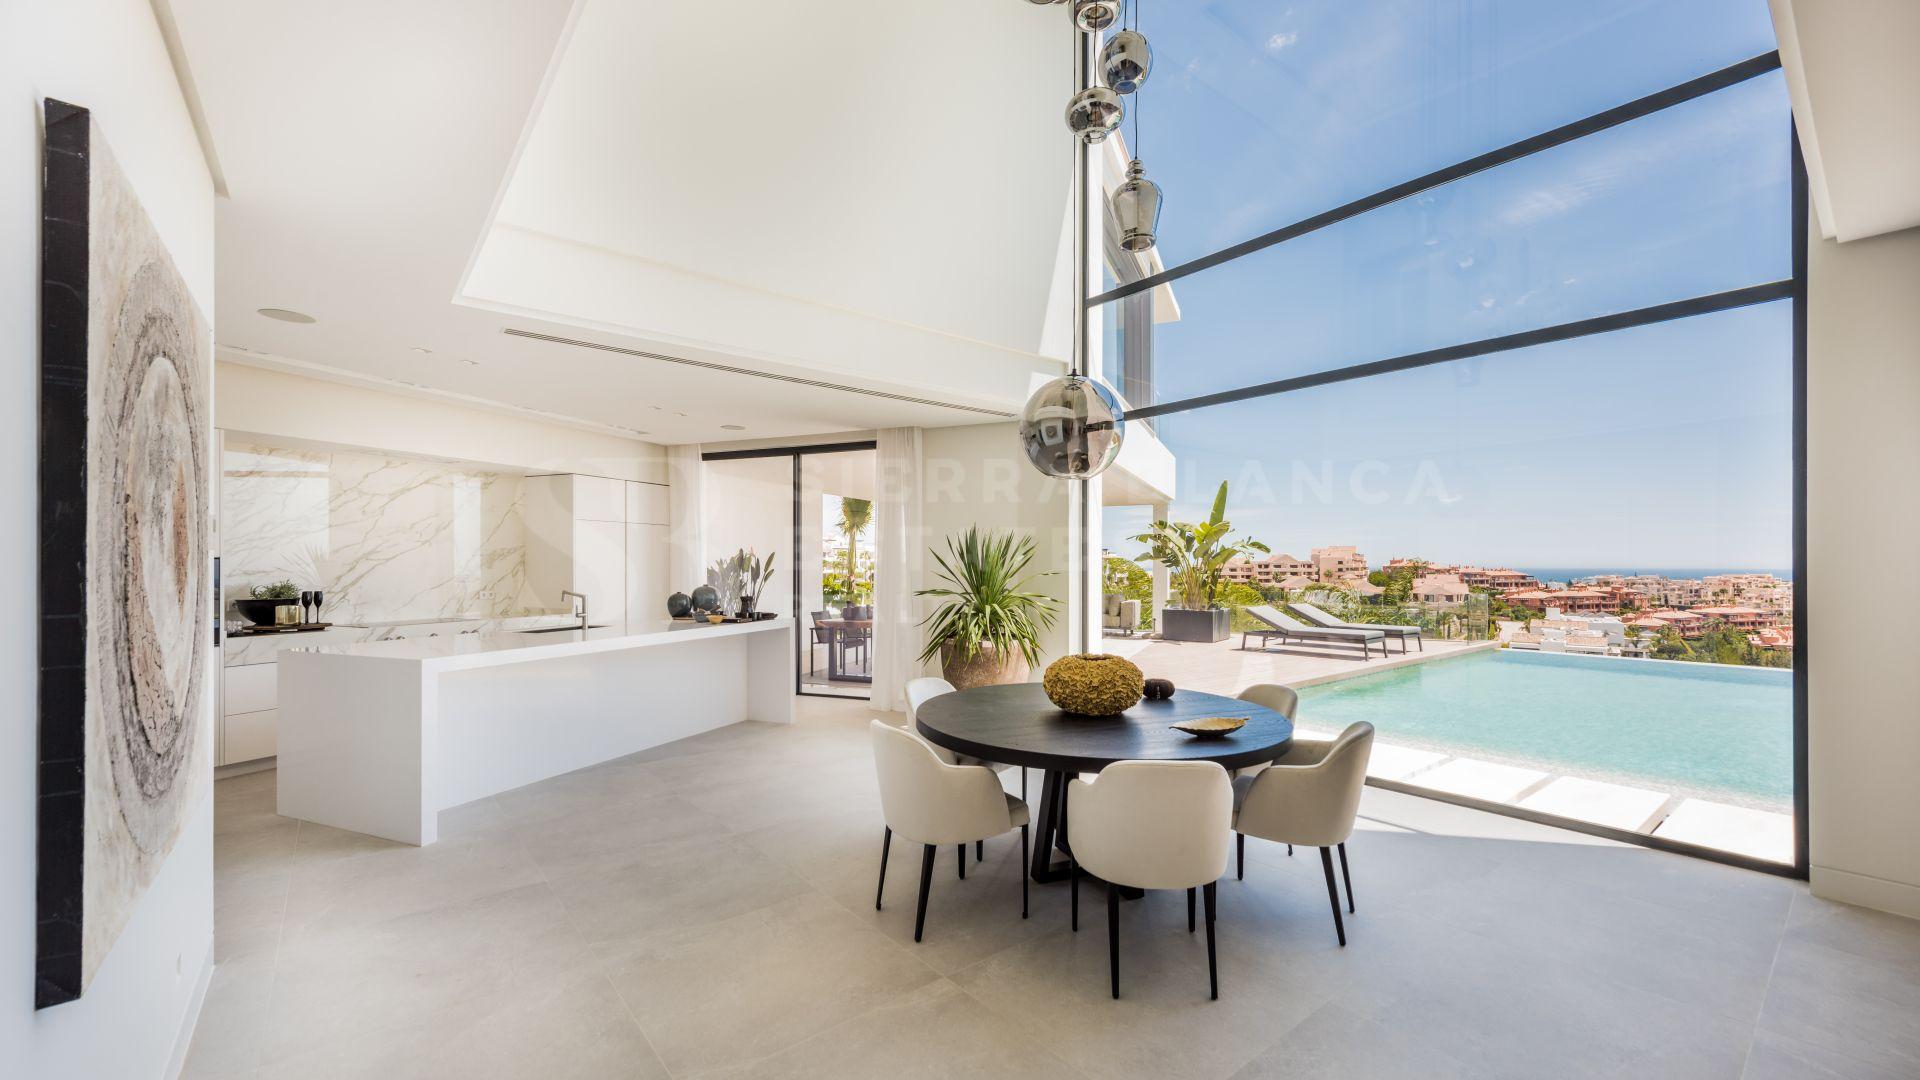 Villa contemporaine avec vue panoramique sur la mer à La Alquería